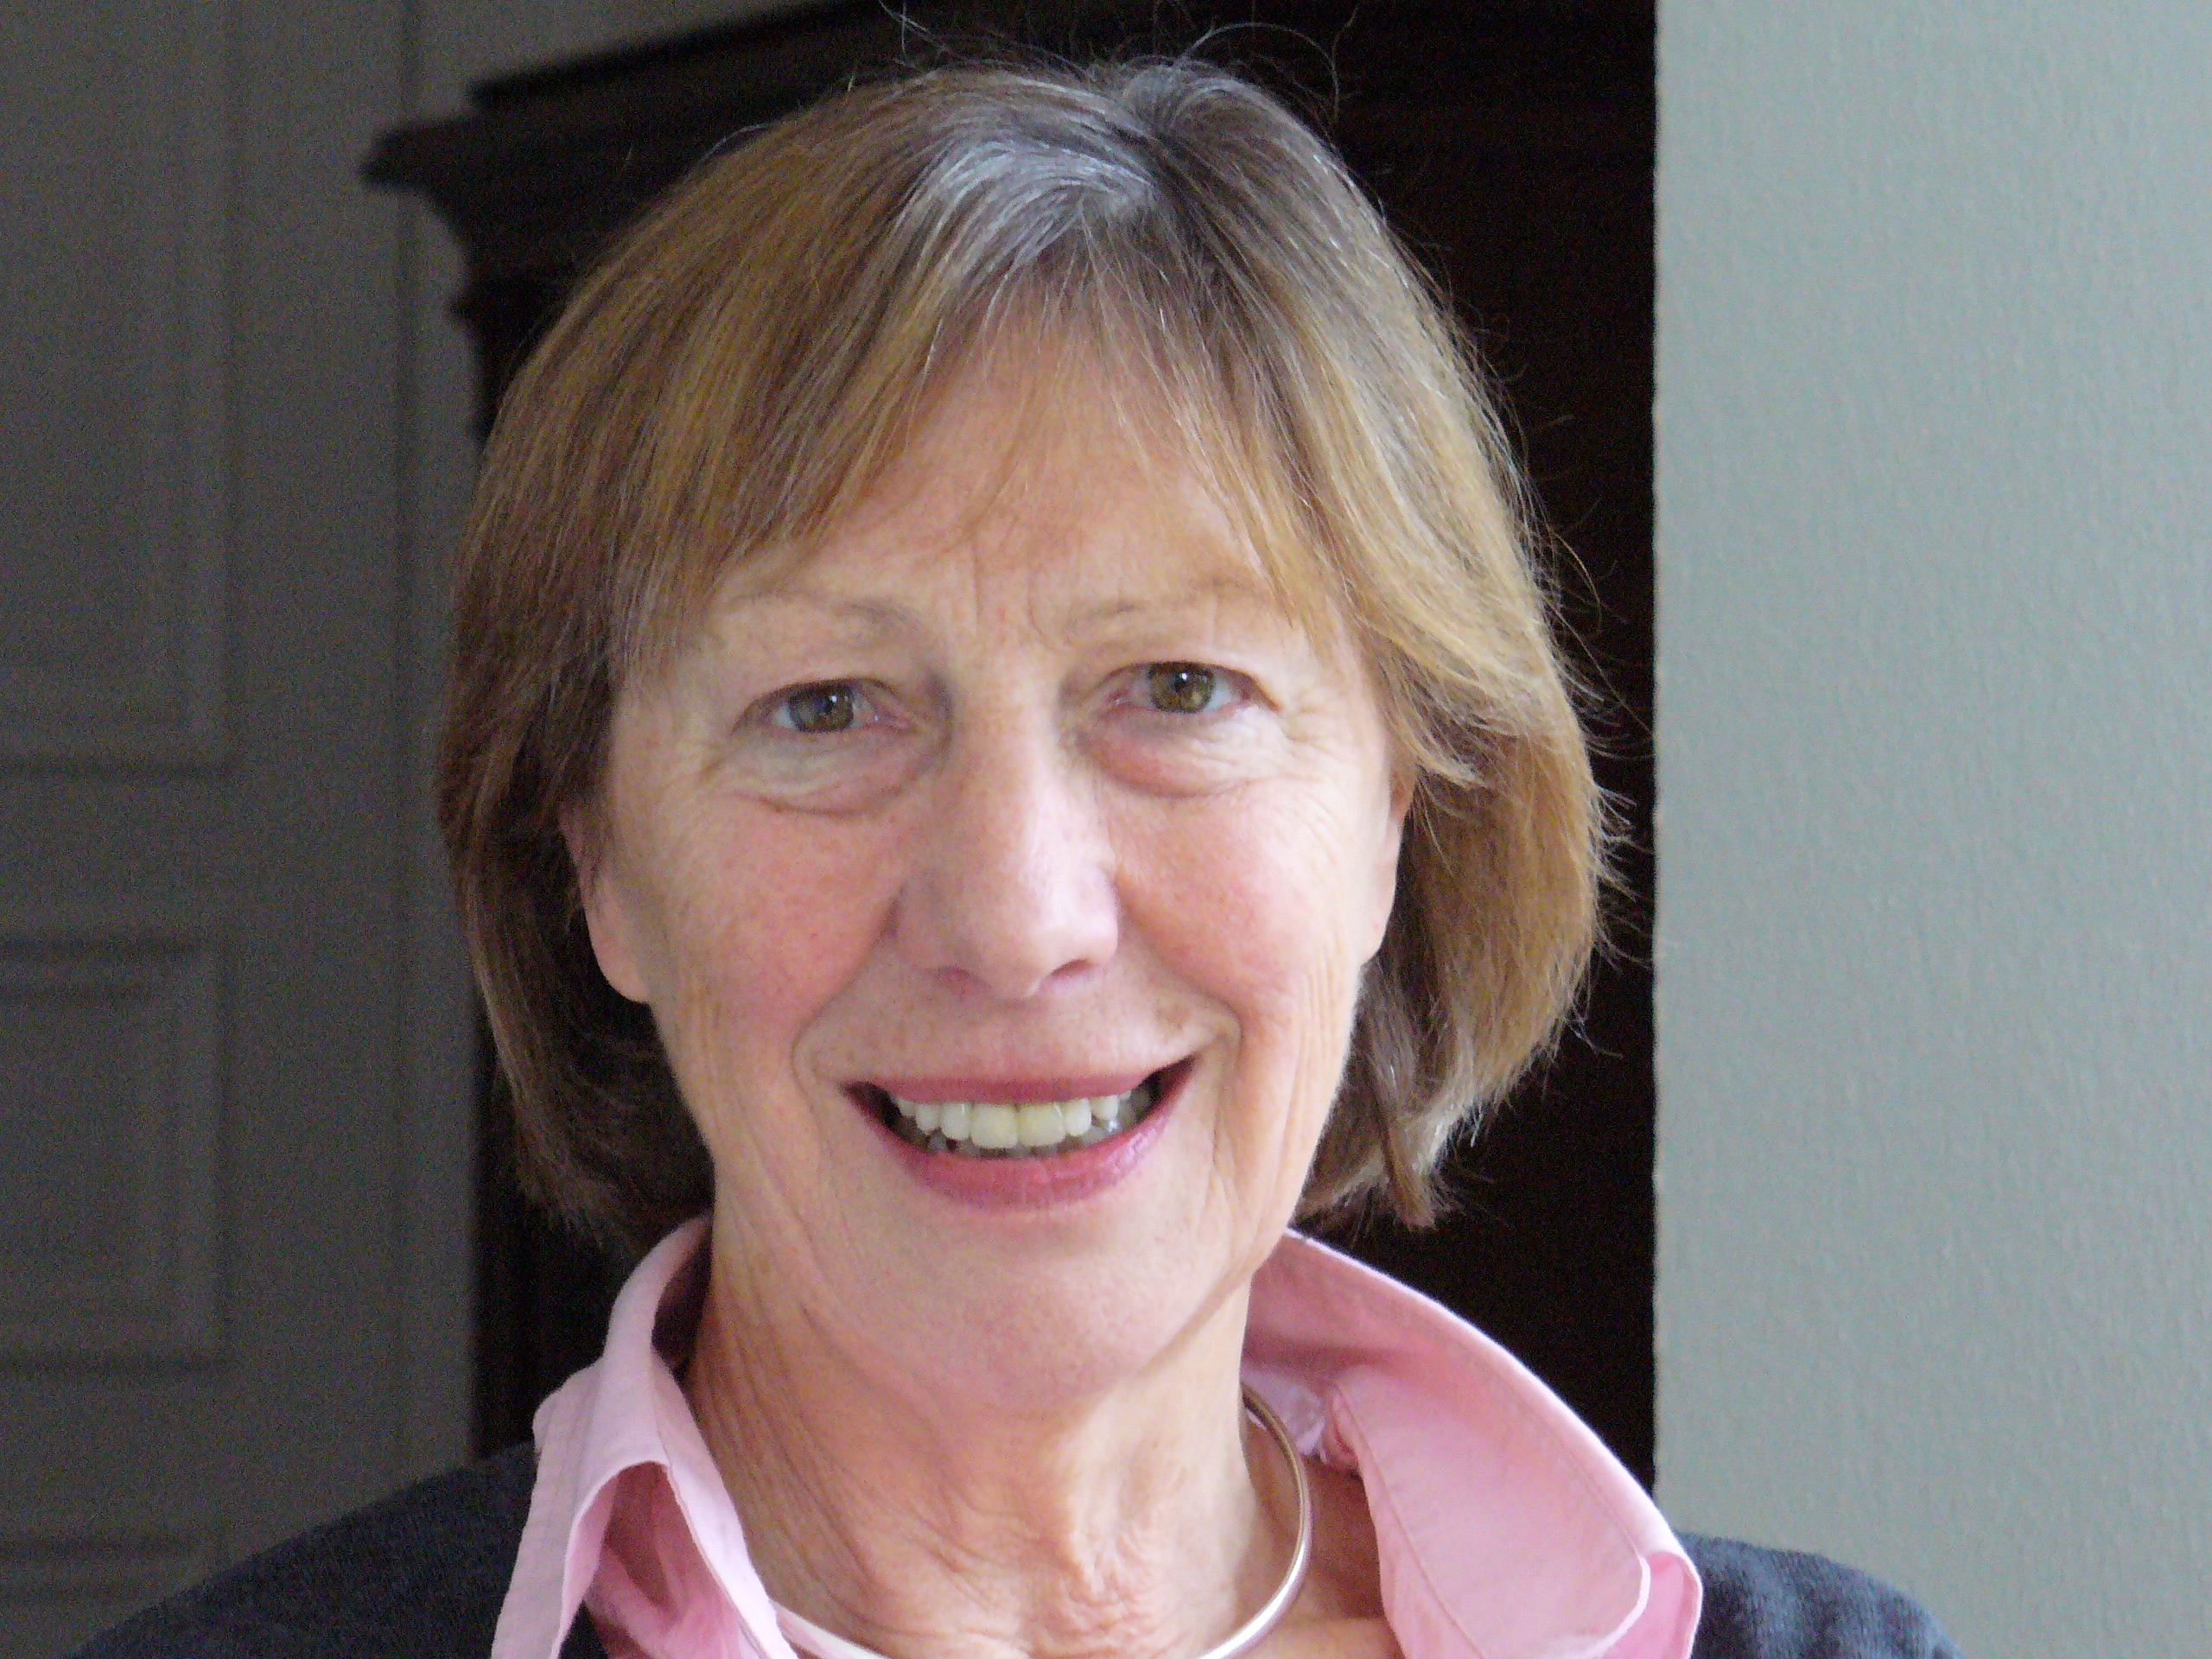 Dr. Med. Charlotte Köttgen